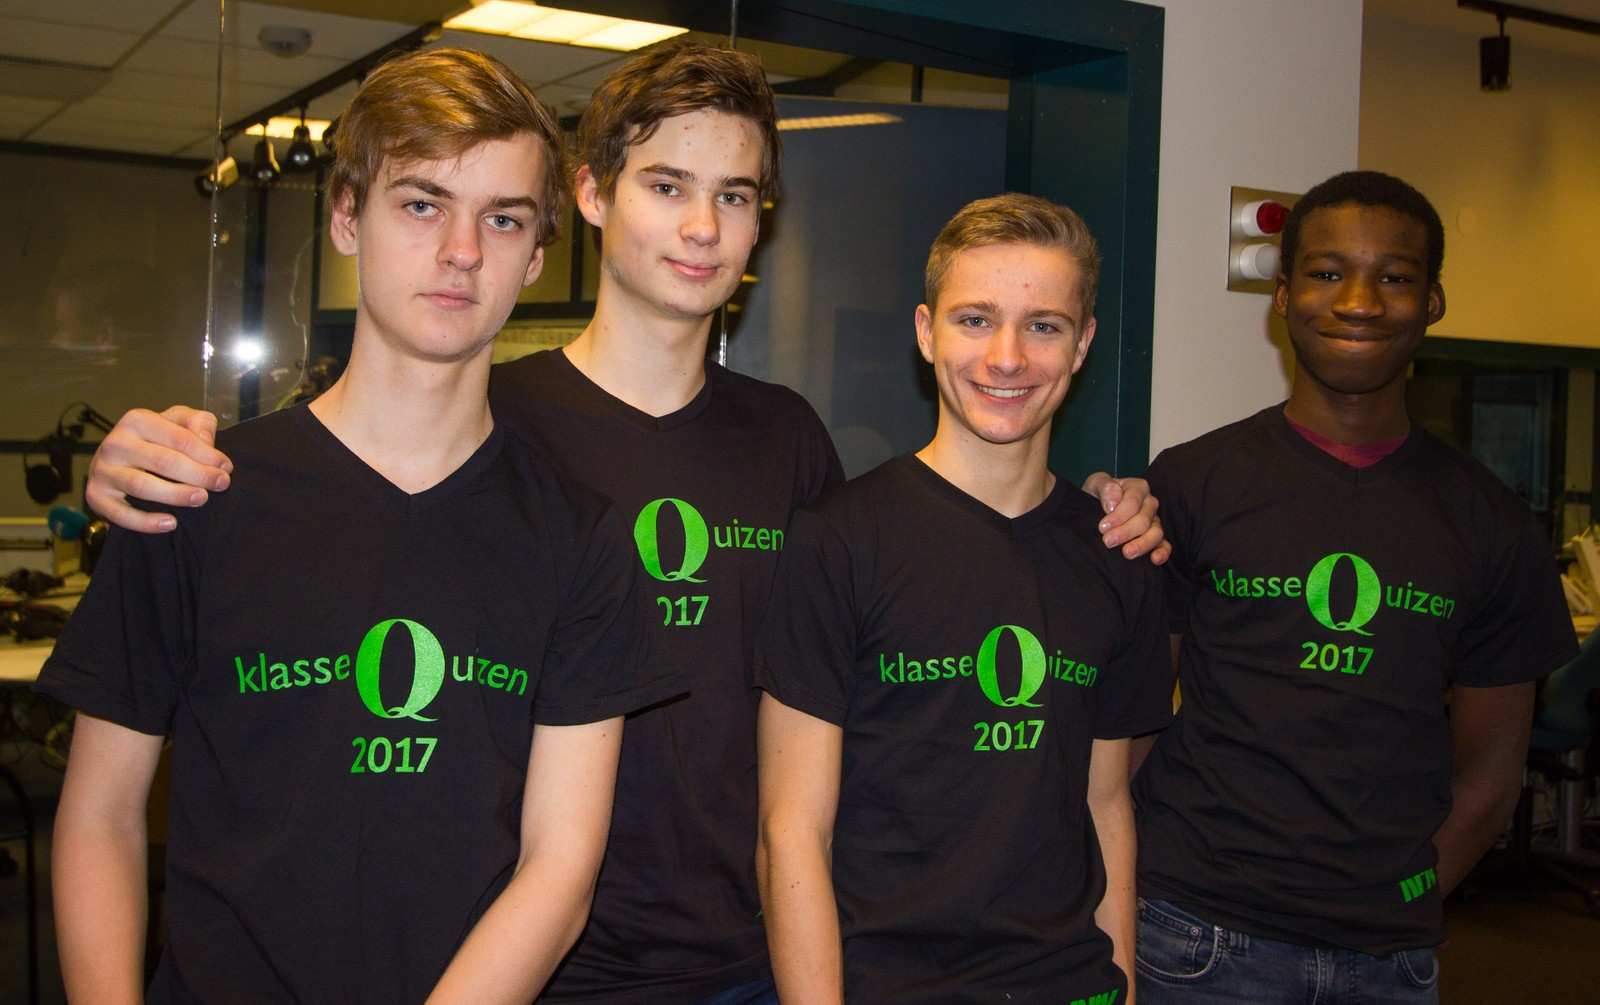 Gautesete skole fikk syv poeng av tolv mulige. Fra venstre: kristian Narten, Mathias Andersen, Jonas Olscik og Davis Asare.